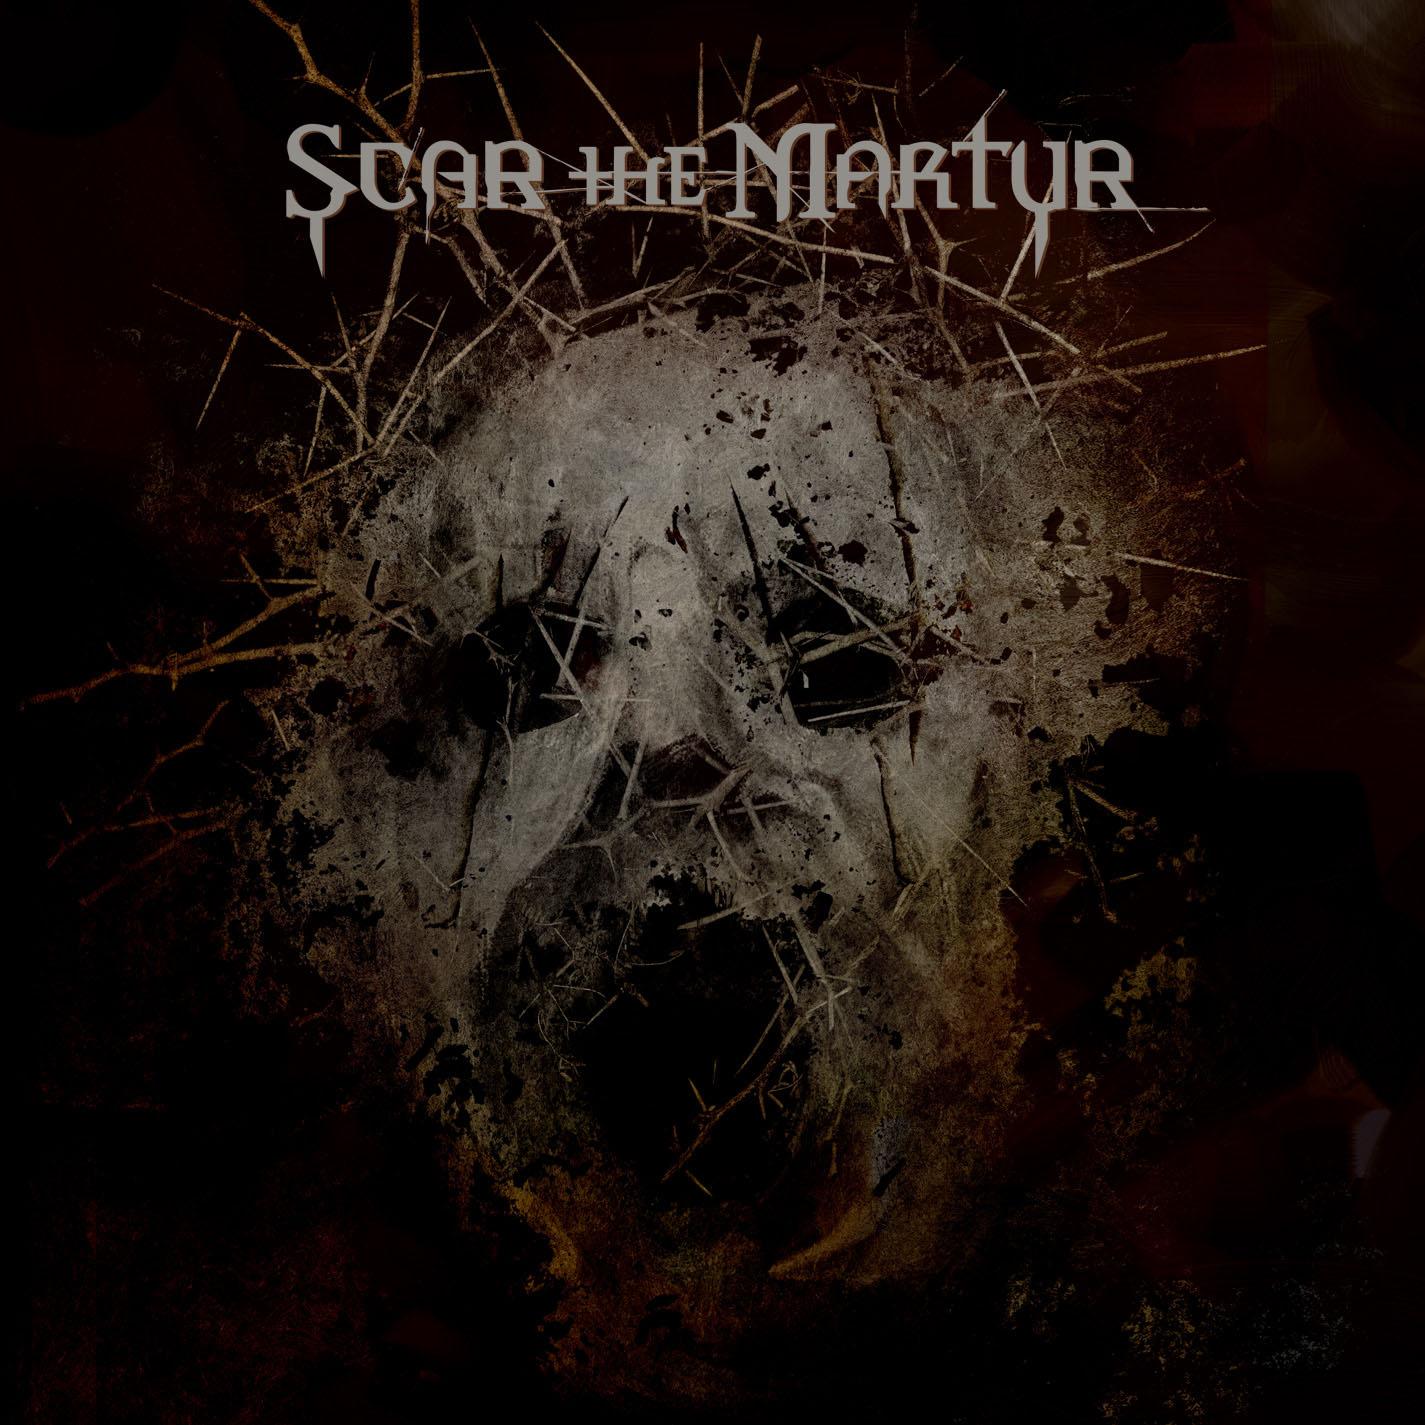 Scar The Martyr CD borító / cover.